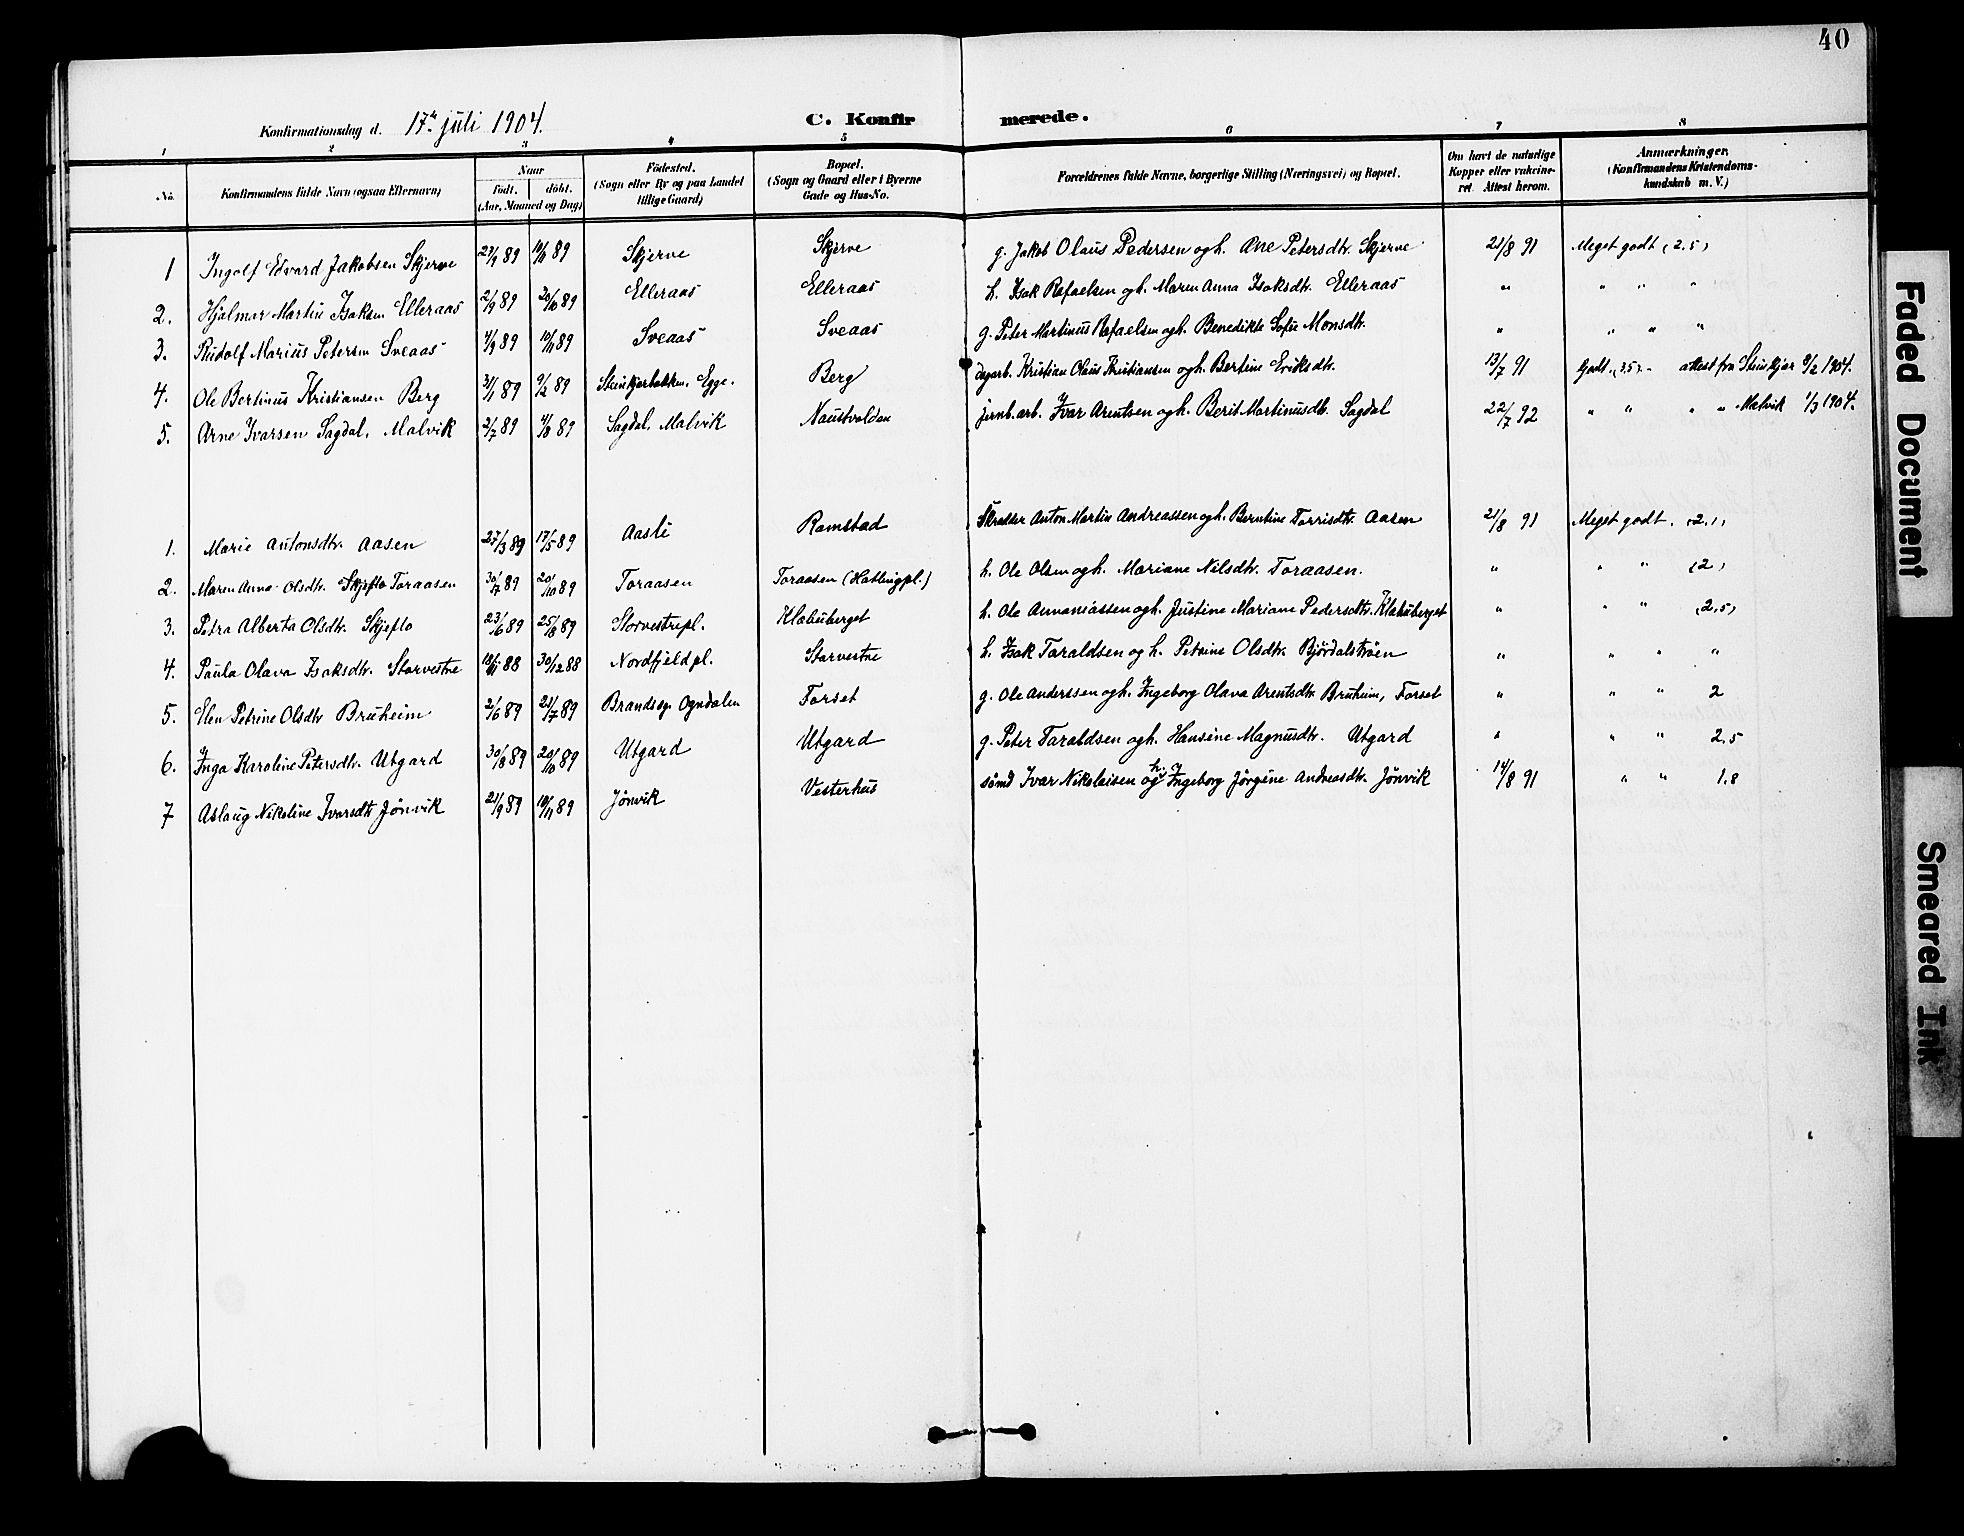 SAT, Ministerialprotokoller, klokkerbøker og fødselsregistre - Nord-Trøndelag, 746/L0452: Ministerialbok nr. 746A09, 1900-1908, s. 40